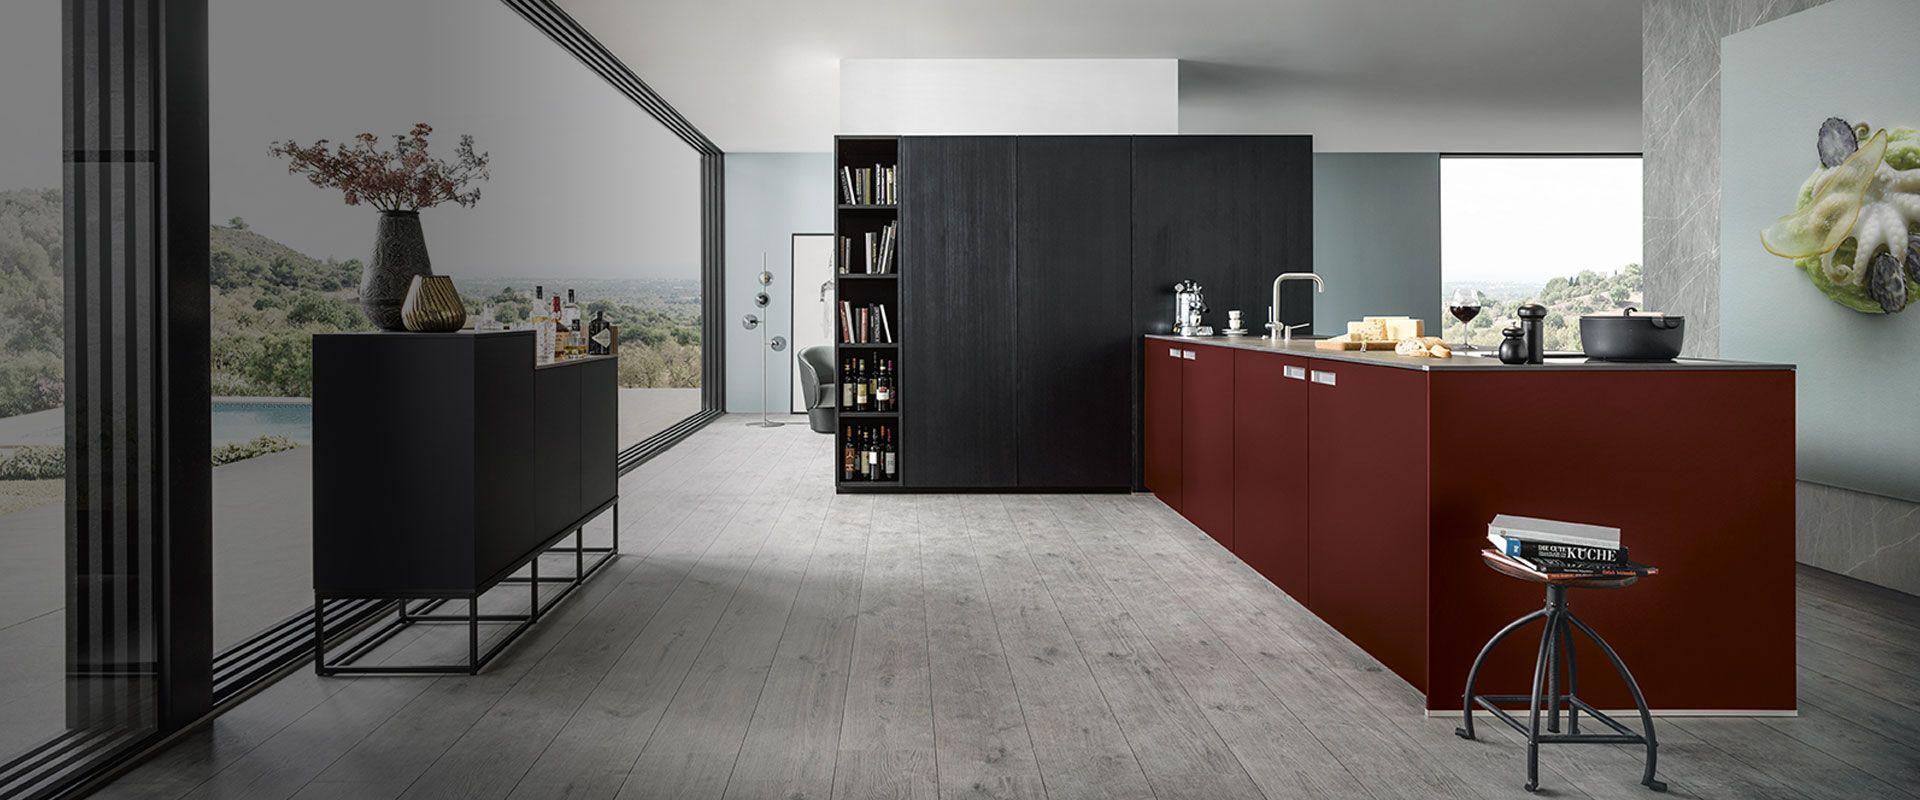 Negele Küchenprofi: Seit über 30 Jahren Die Top Adresse Im Kreis Ludwigsburg  Und Stuttgart Für Küchenkultur U0026 Küchenmodernisierung